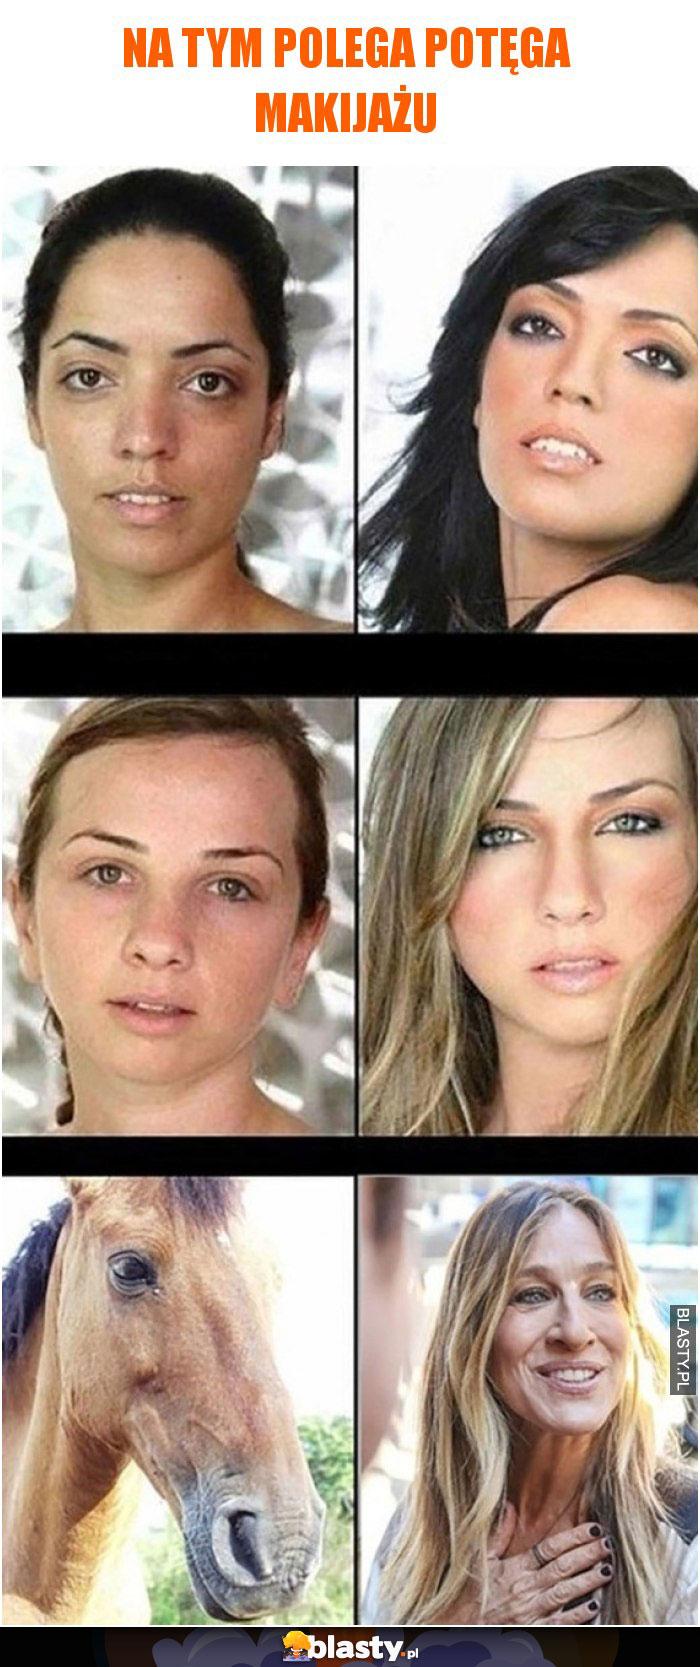 3 zdjęcia pokazujące na czym polega potęga makijażu